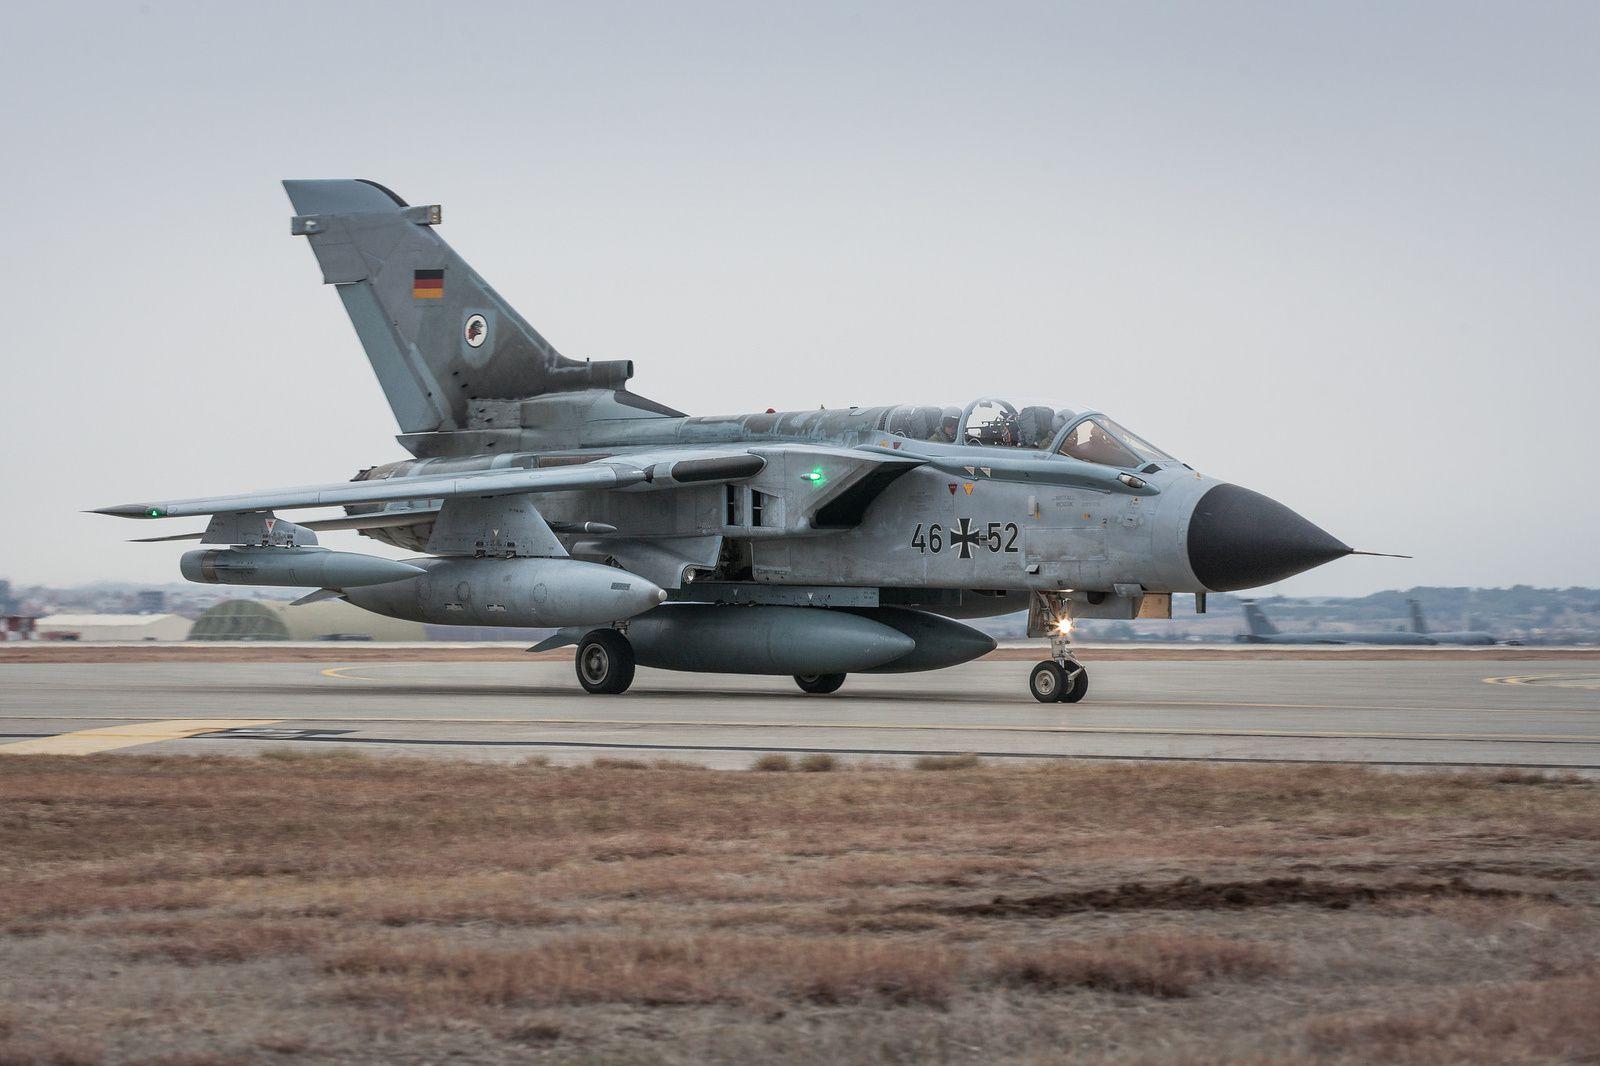 Les premiers Tornado ECR allemands arrivent en Turquie